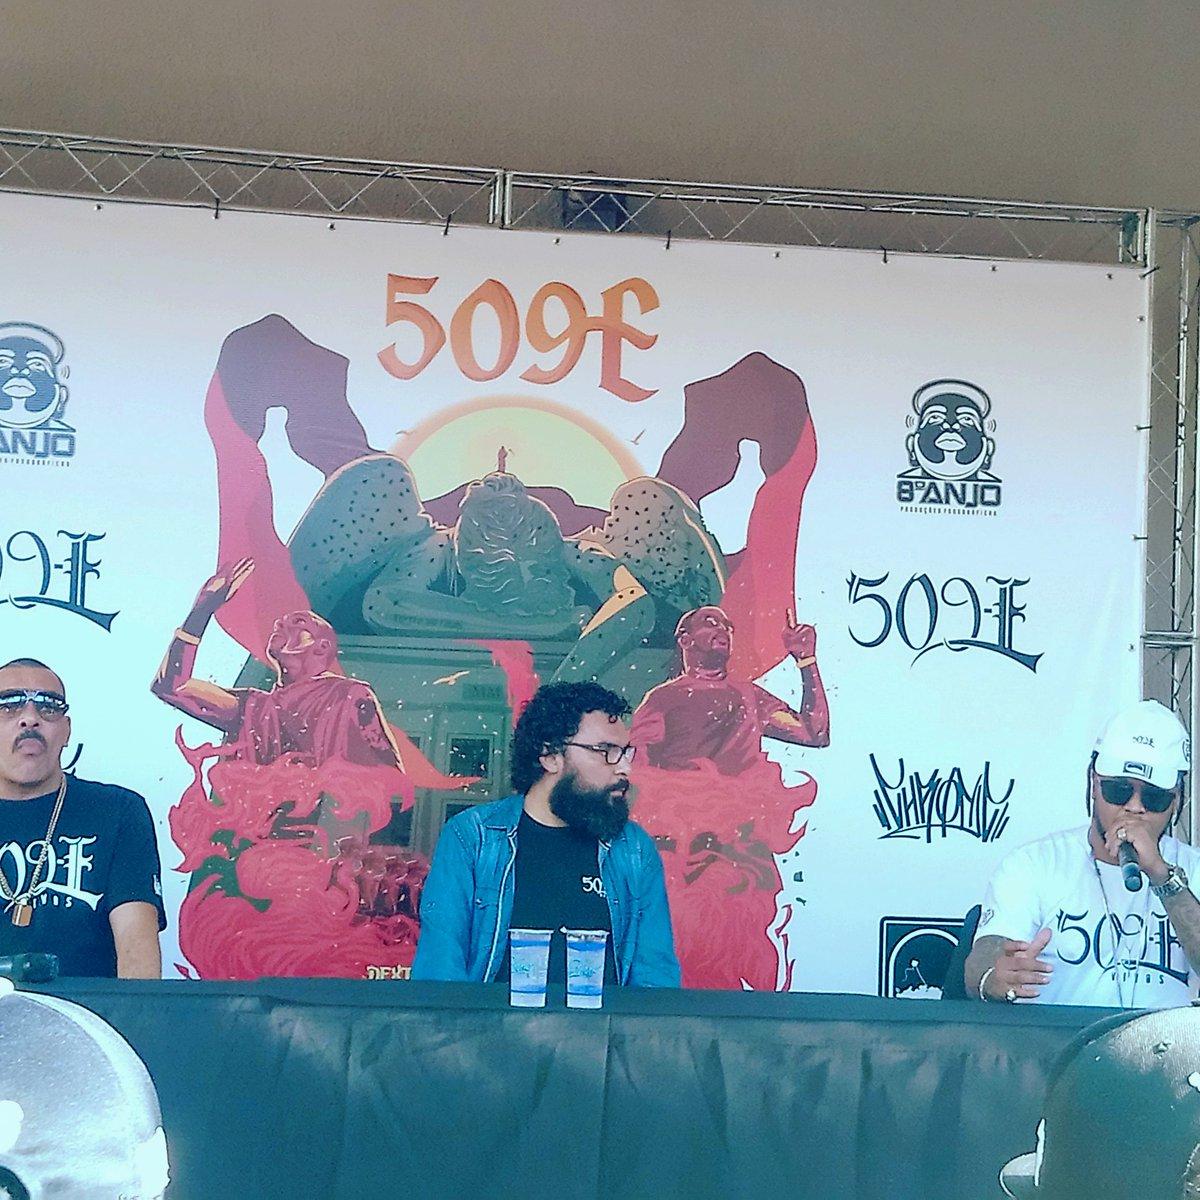 Dexter e Afro-X anunciam retorno do 509-E, para primeira turnê em liberdade e celebração do legado